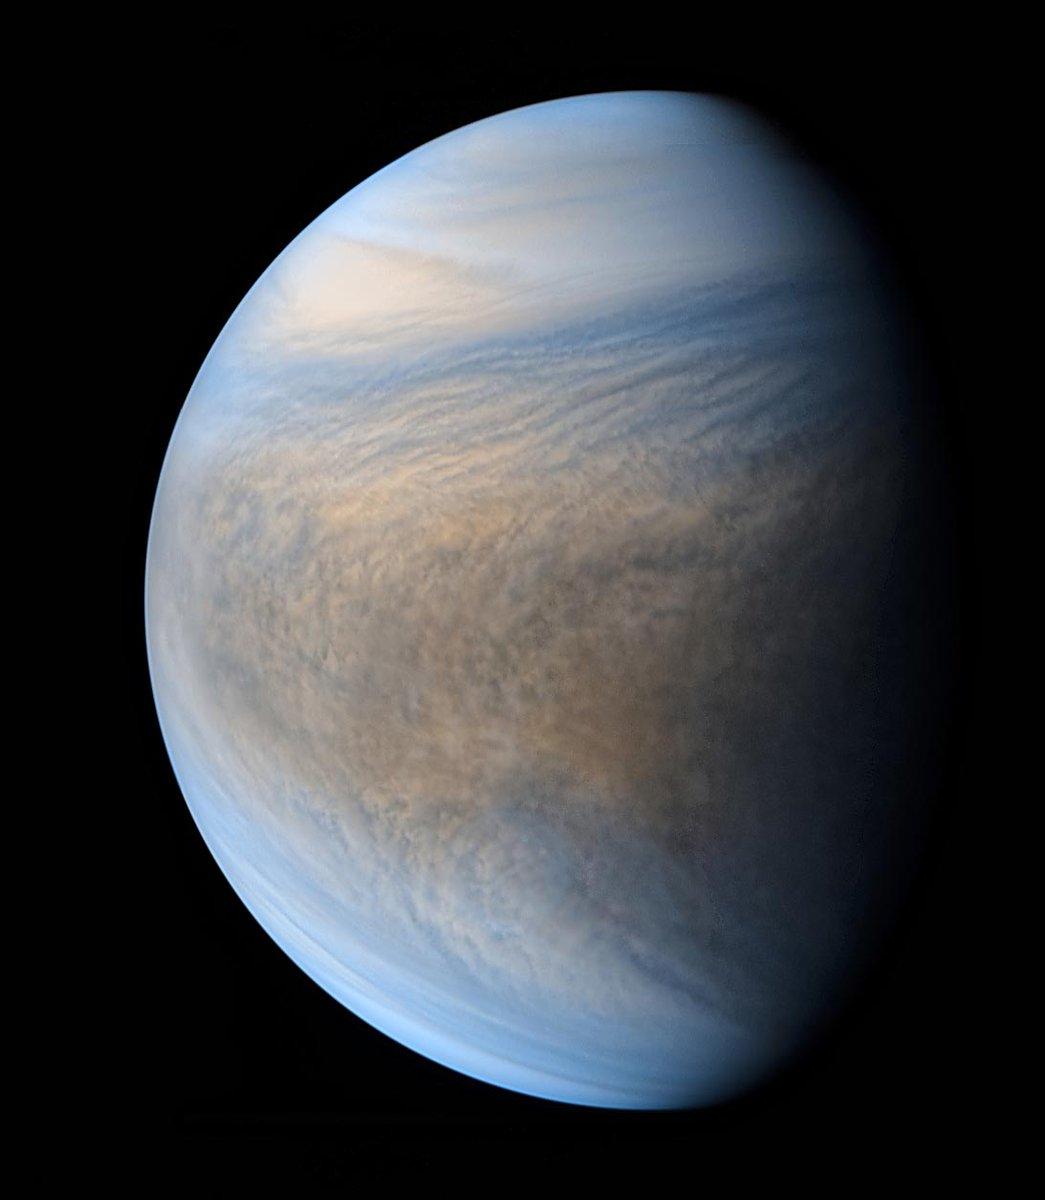 Con lo del fosfano en Venus ahora todo el mundo quiere volver al planeta vecino. ¿Qué propuestas ACTUALES de sondas existen? Veamos. Abro hilo. (imagen de @db_prods). https://t.co/85xHLIpvfz